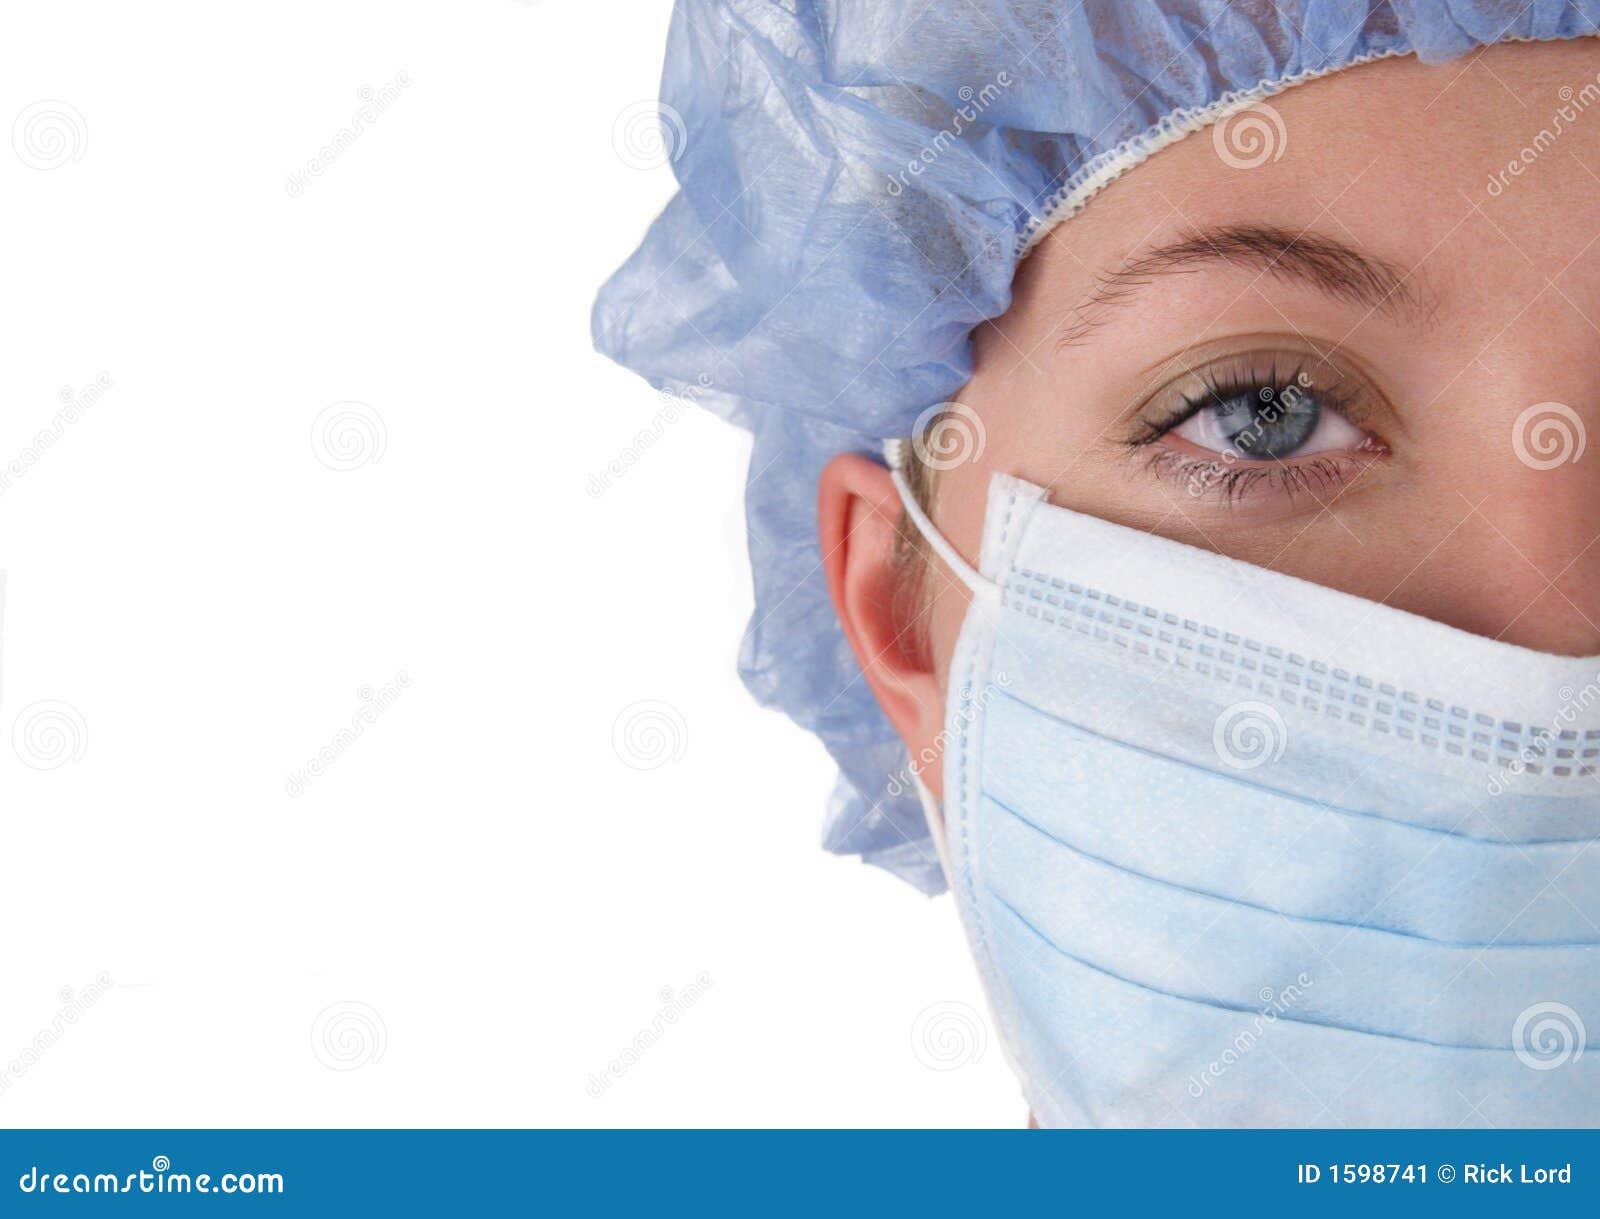 Pielęgniarka chirurgicznej